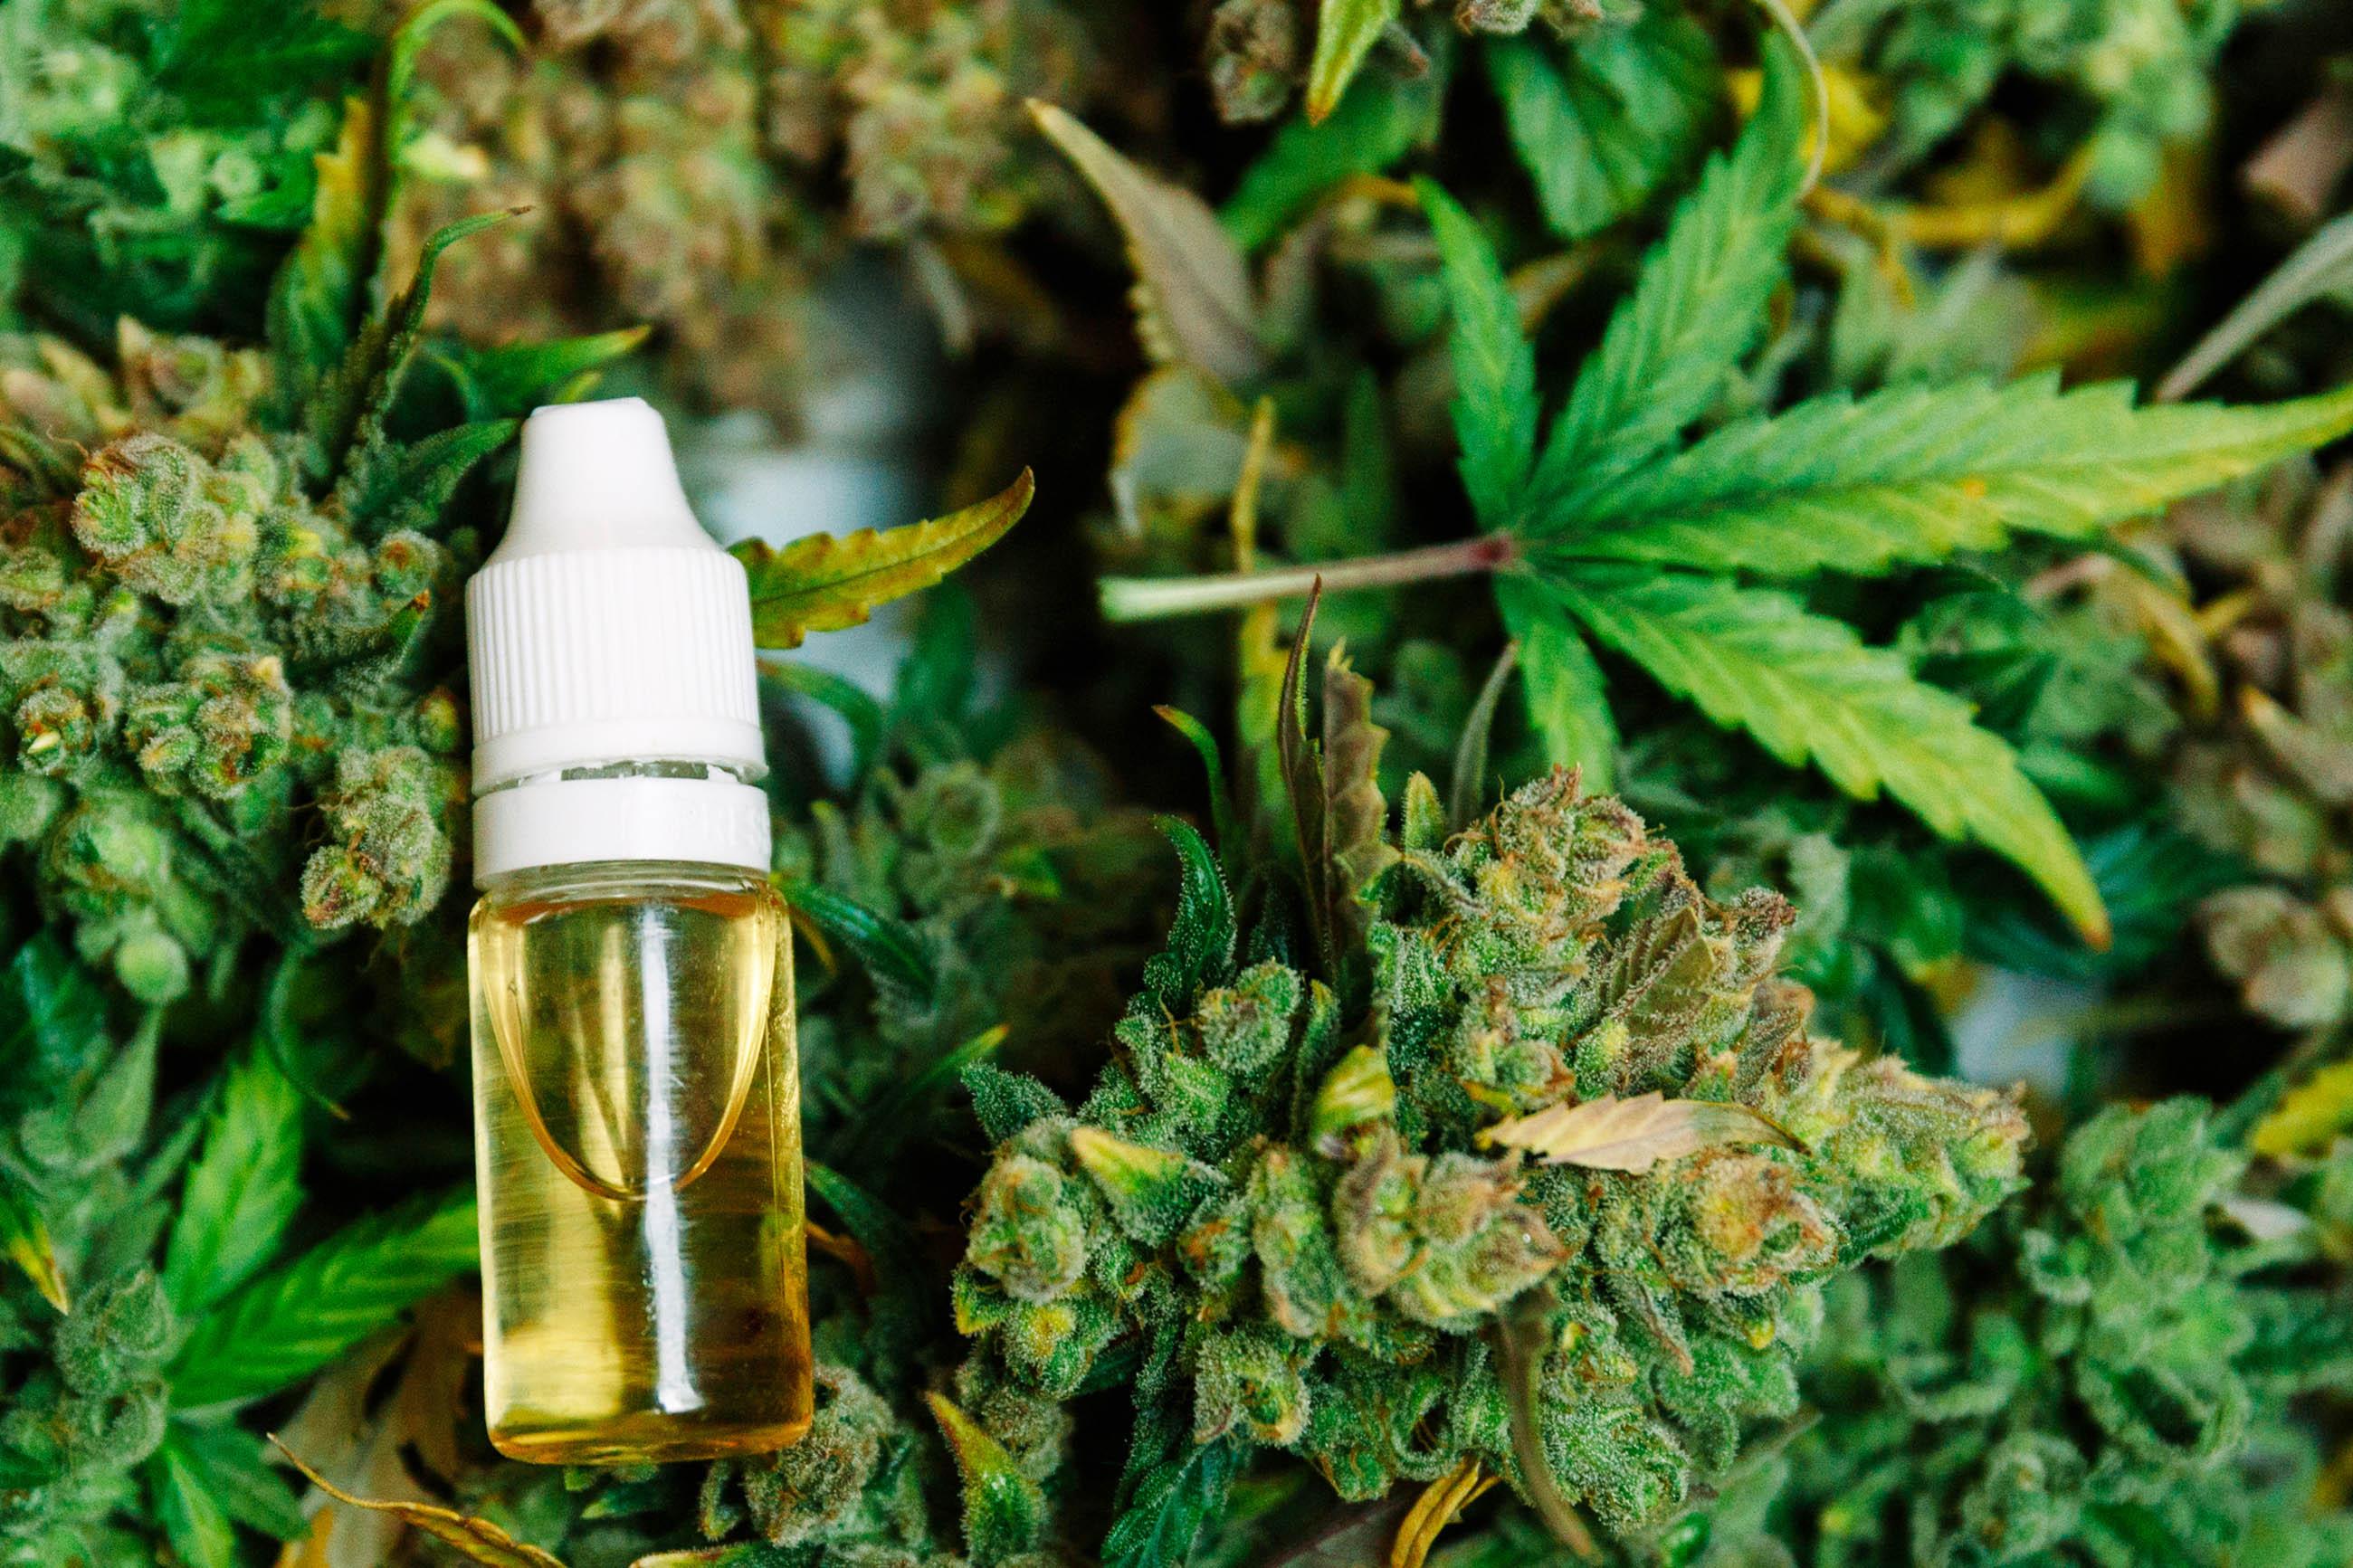 Vollspektrum-Cannabisöl & CBD-Öl: Was ist der Unterschied?